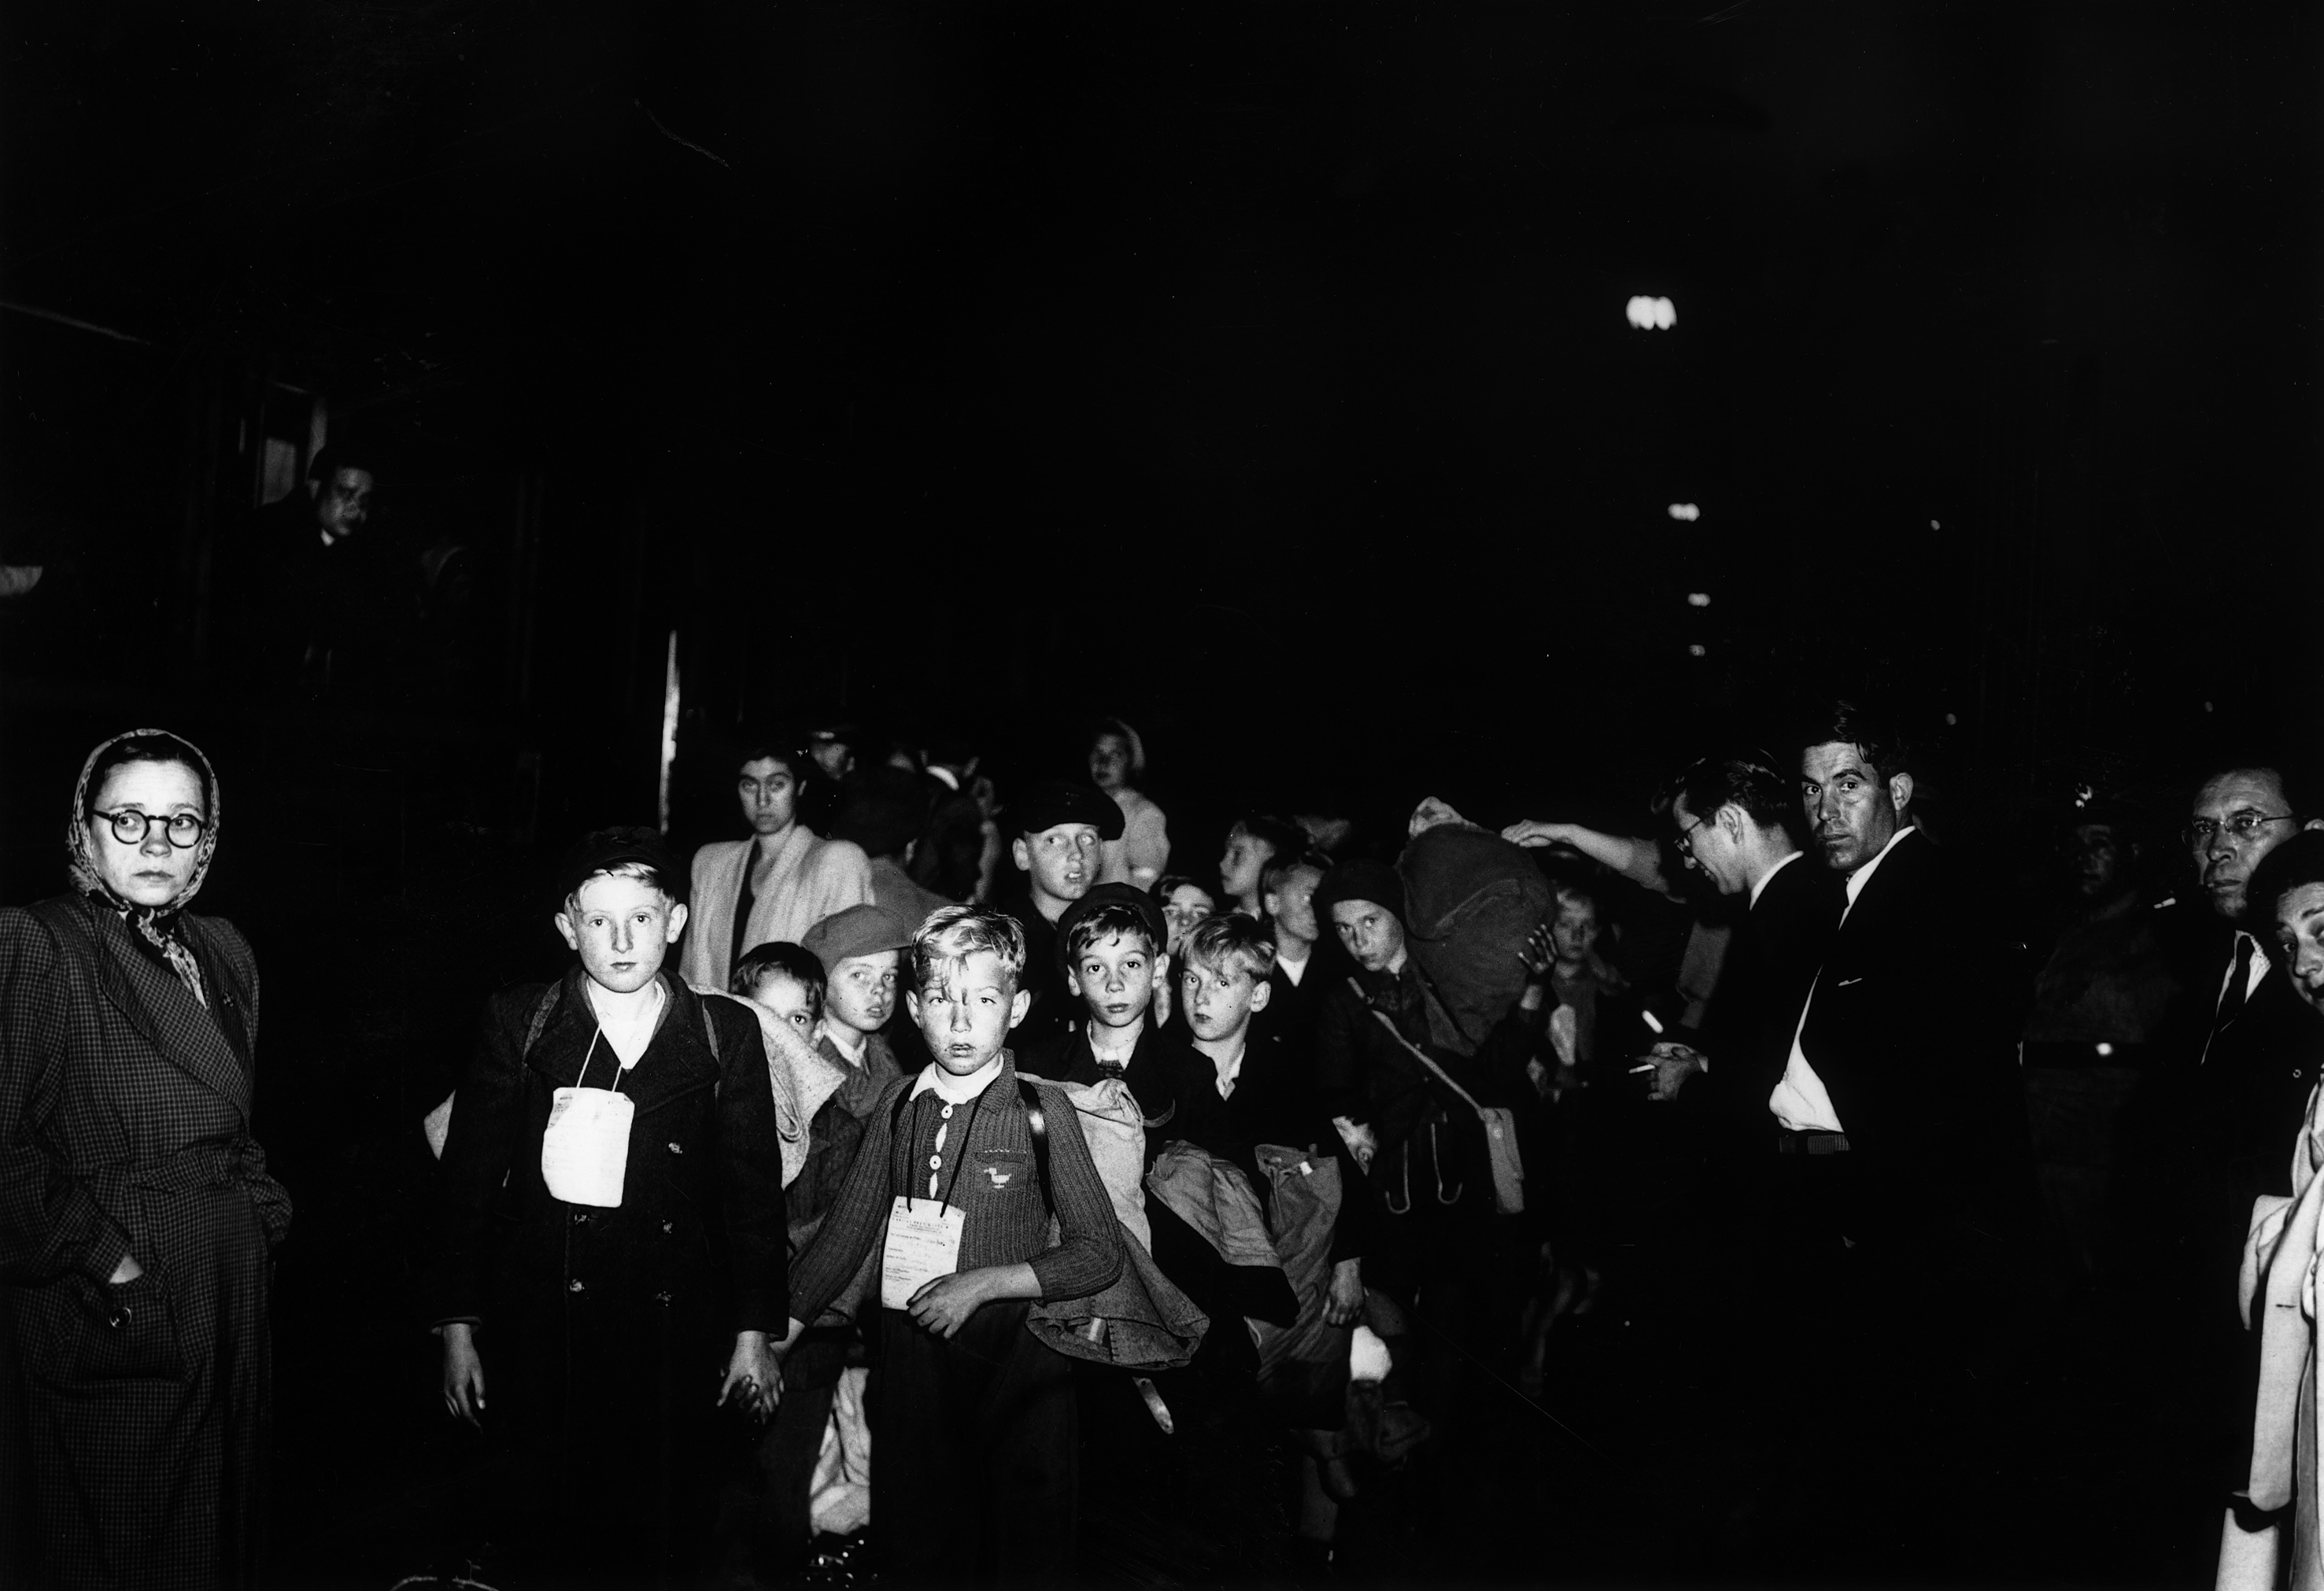 Entre 1947 e 1952, foram recebidas por famílias portuguesas cerca de 5500 crianças por vários meses ou um ano. A maior parte tinha perdido o pai na guerra